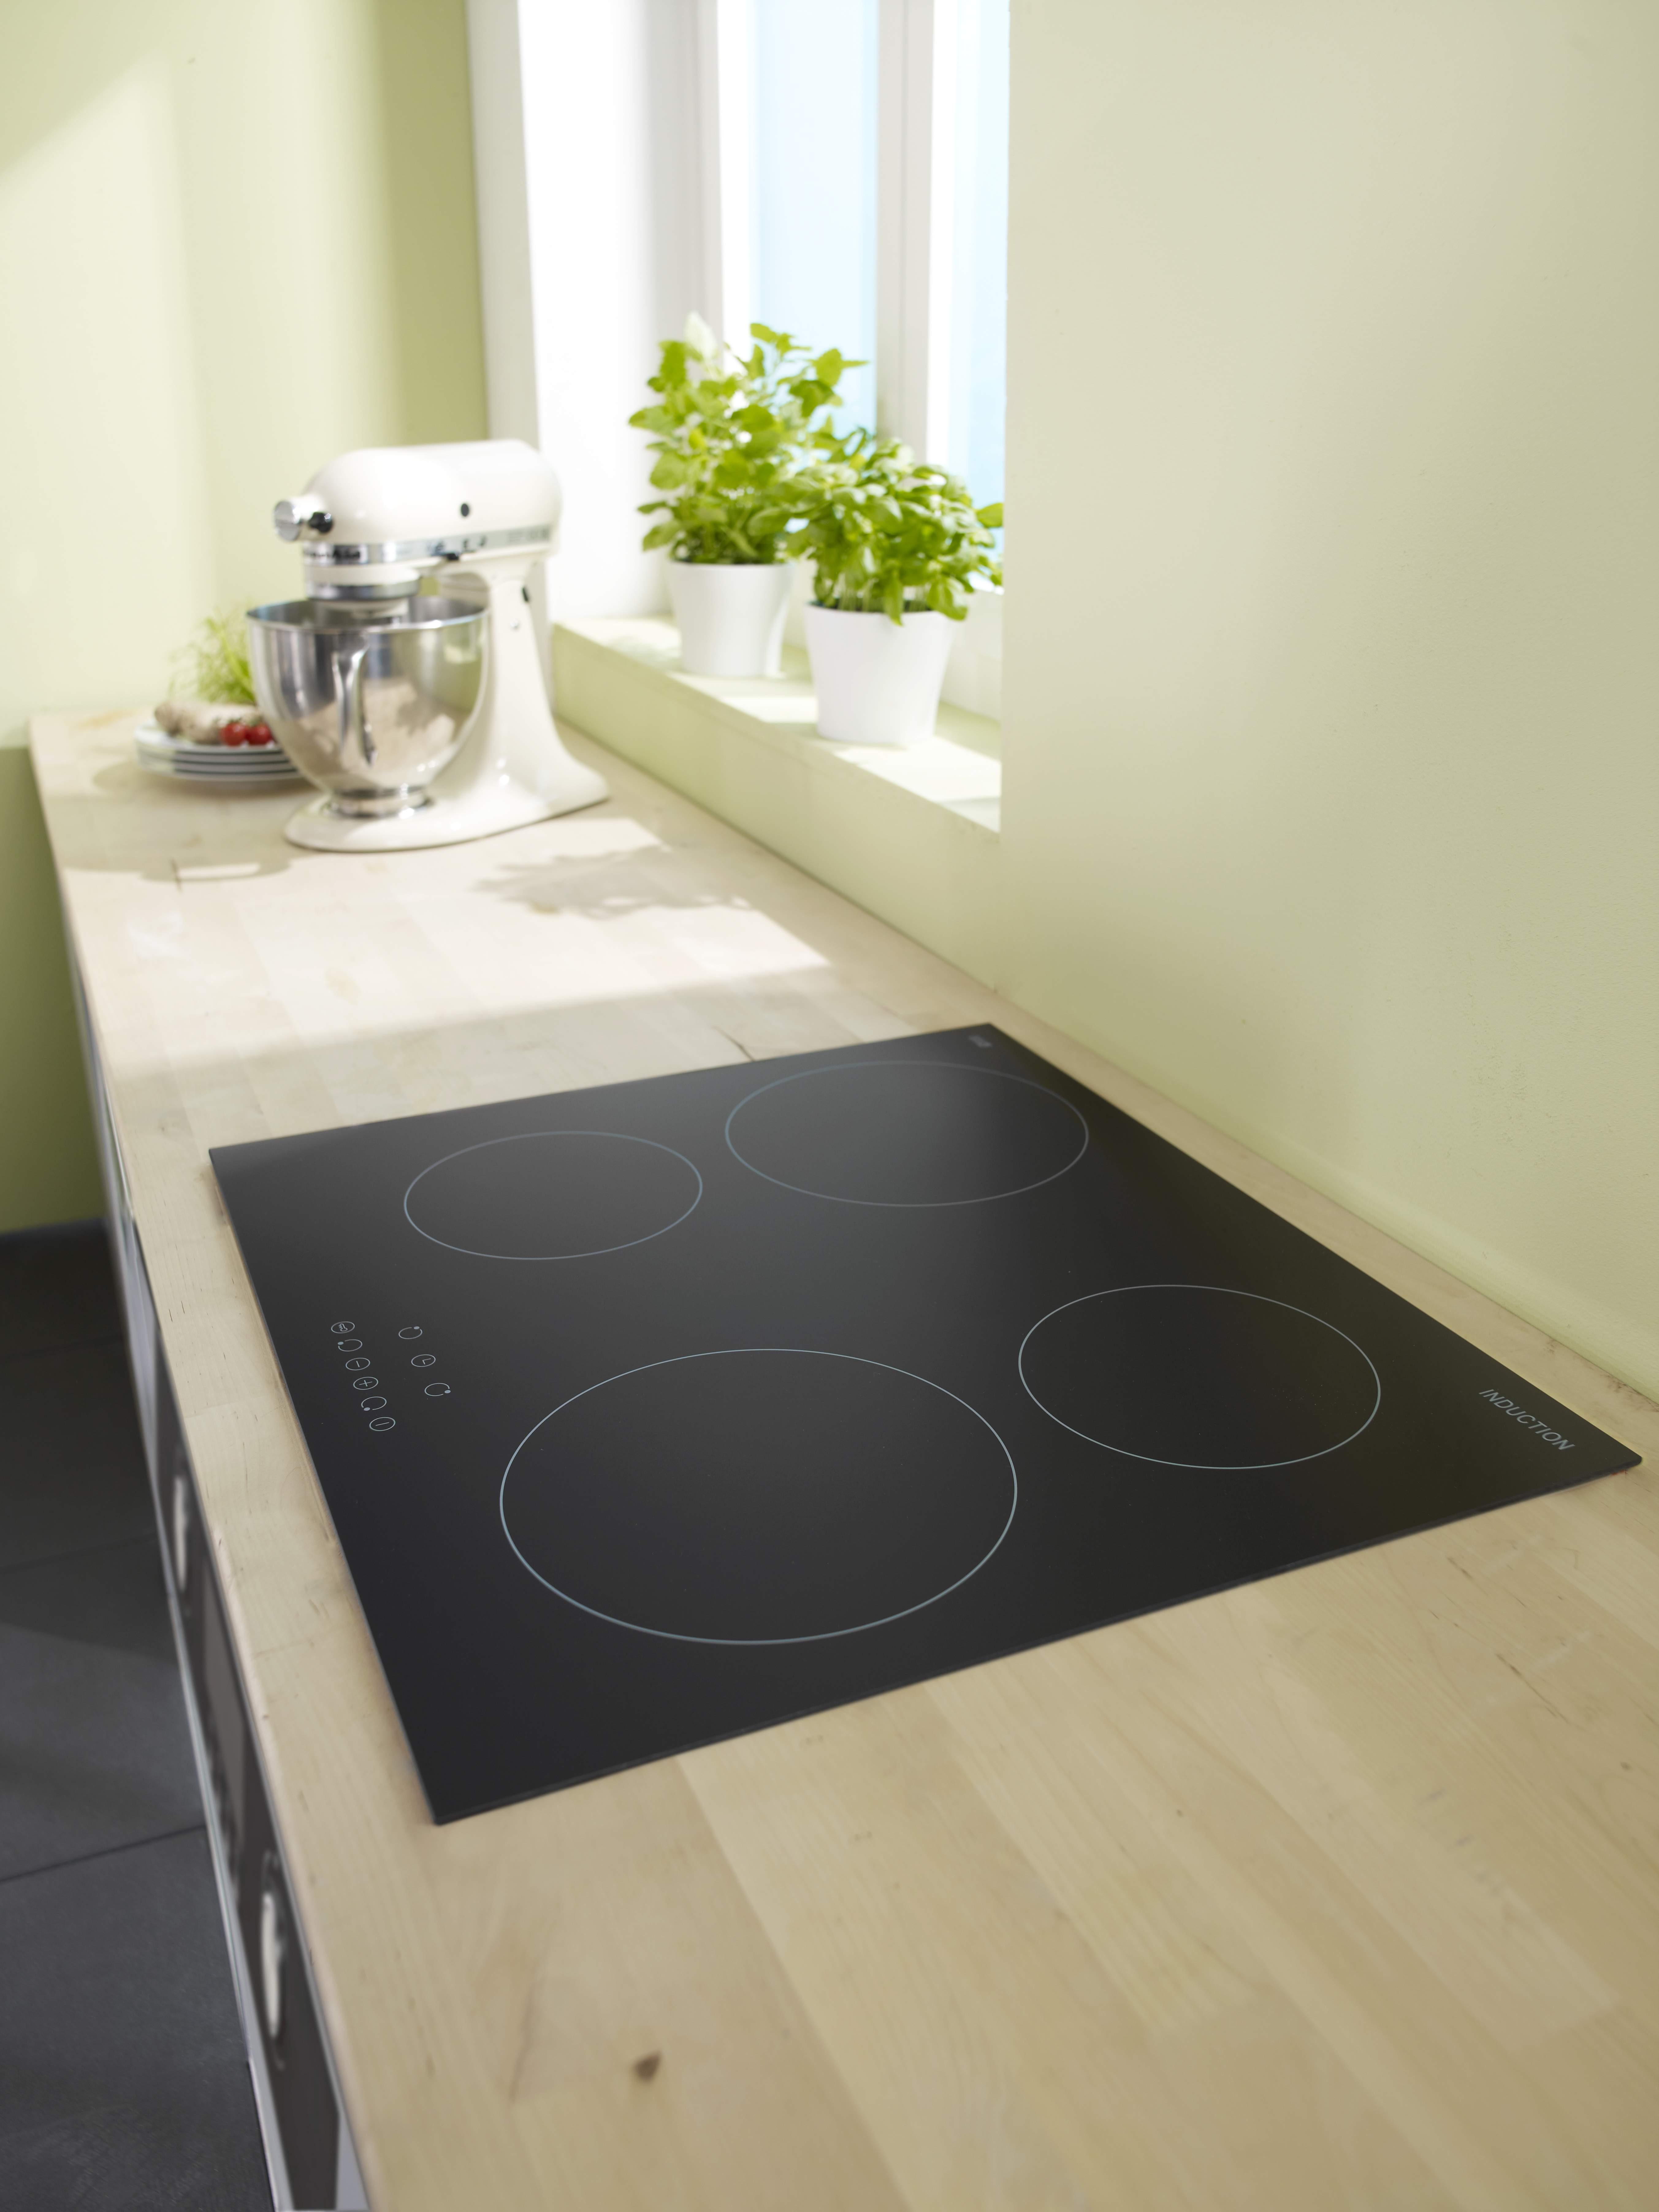 Küche Arbeitsplatte  Arbeitsplatte selber zuschneiden – in 7 Schritten